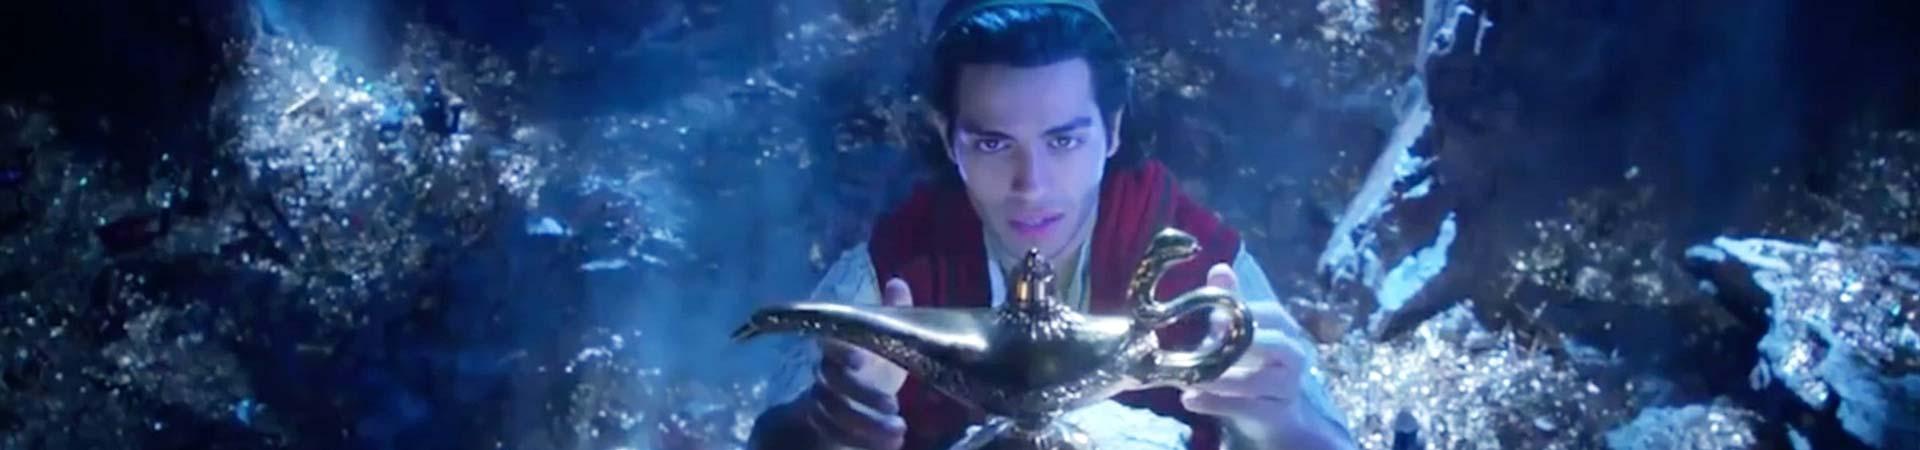 MainSlider-Aladdin